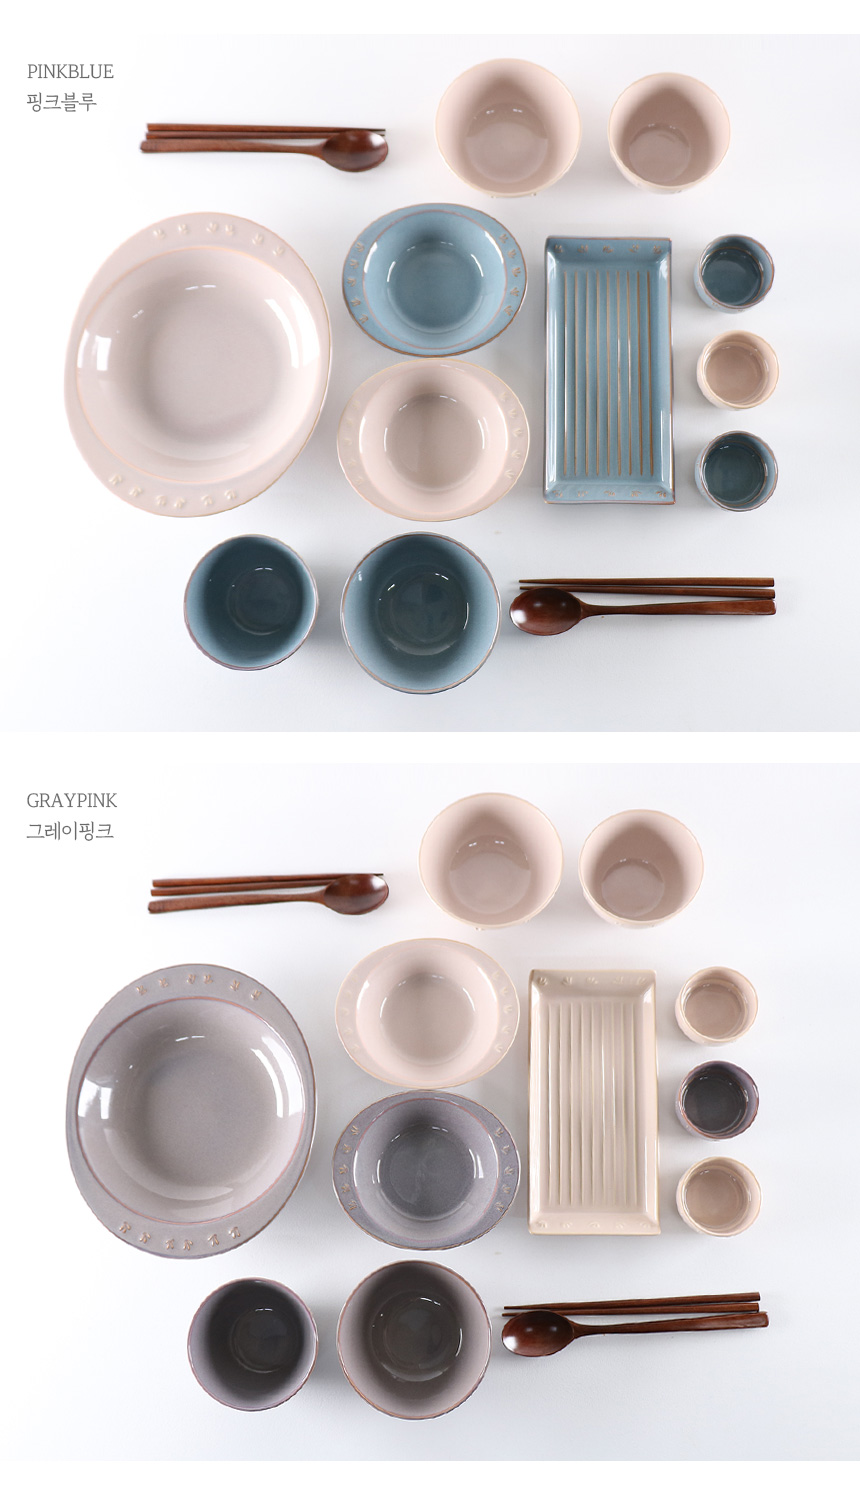 바체 2인 식기세트B 11p - 키친몰링, 119,000원, 식기홈세트, 2인세트